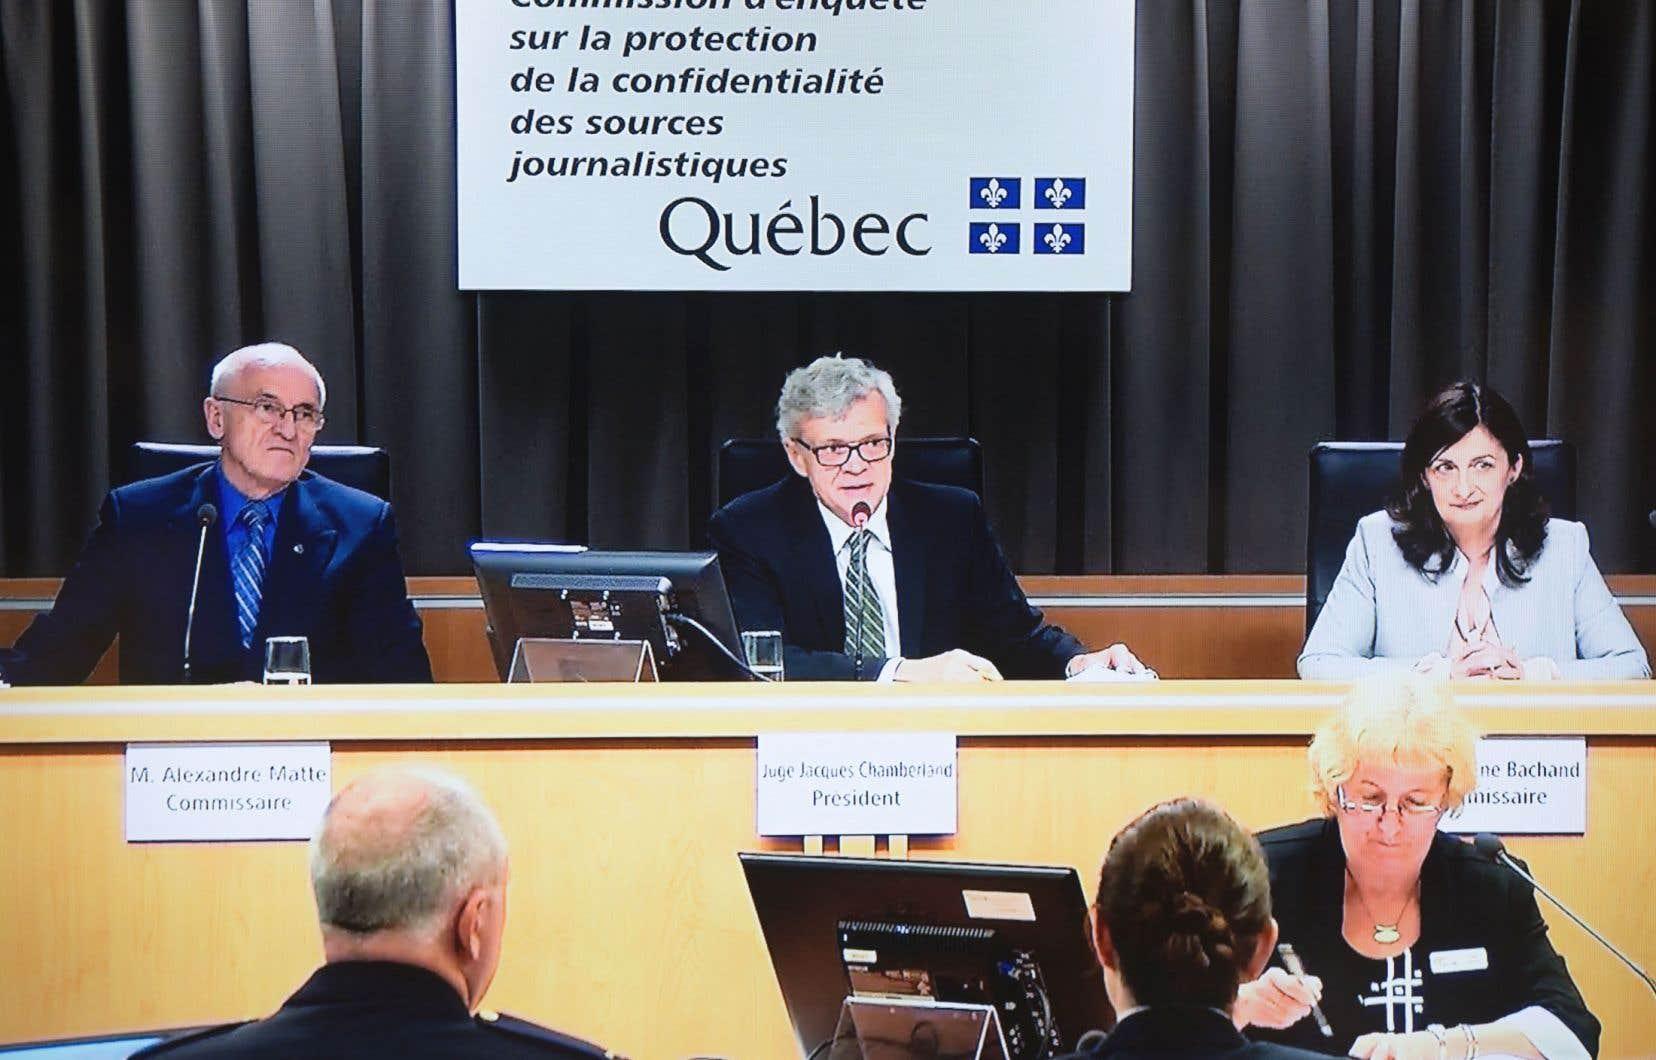 Le juge Jacques Chamberland (au centre), président de la commission d'enquête, était épaulé par les commissaires Alexandre Matte et Guylaine Bachand.